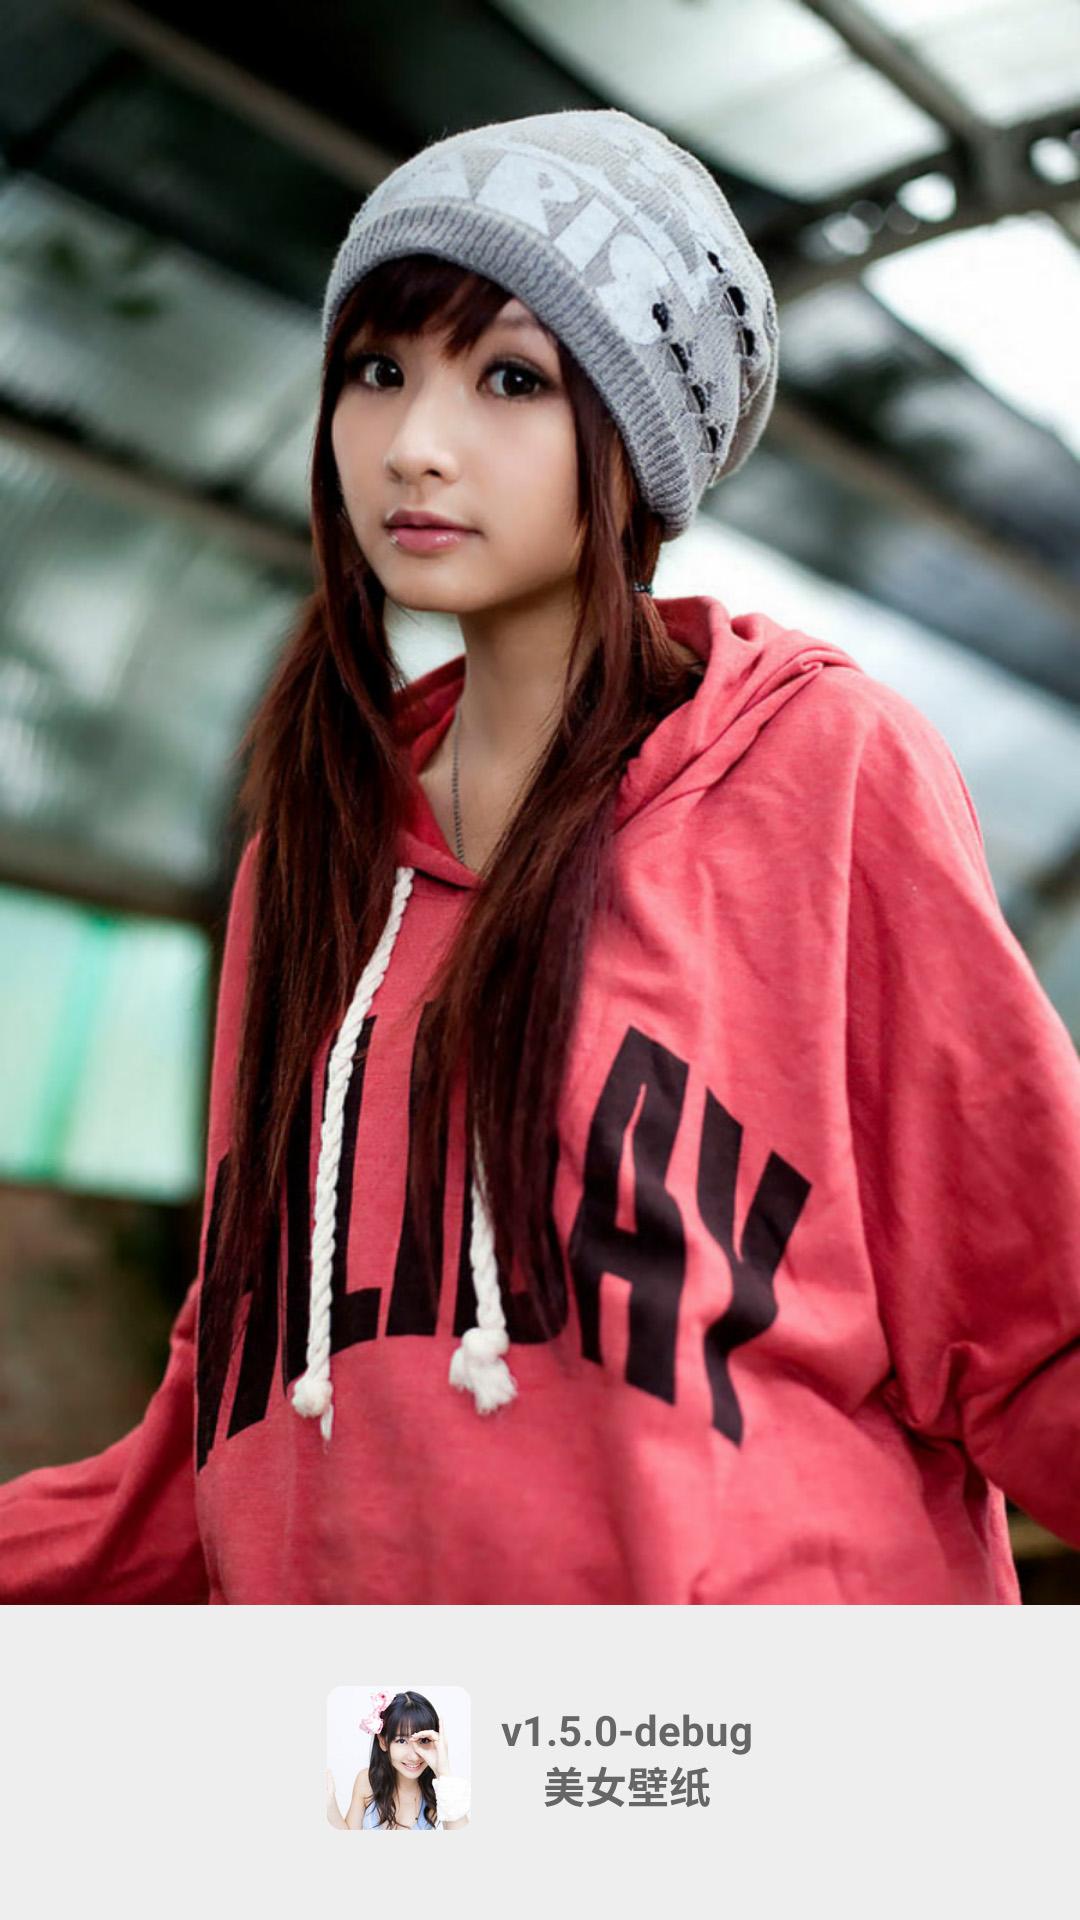 唯美,气质,嫩萝莉,可爱,古典美女热门明星美女有:angelababy,刘亦菲